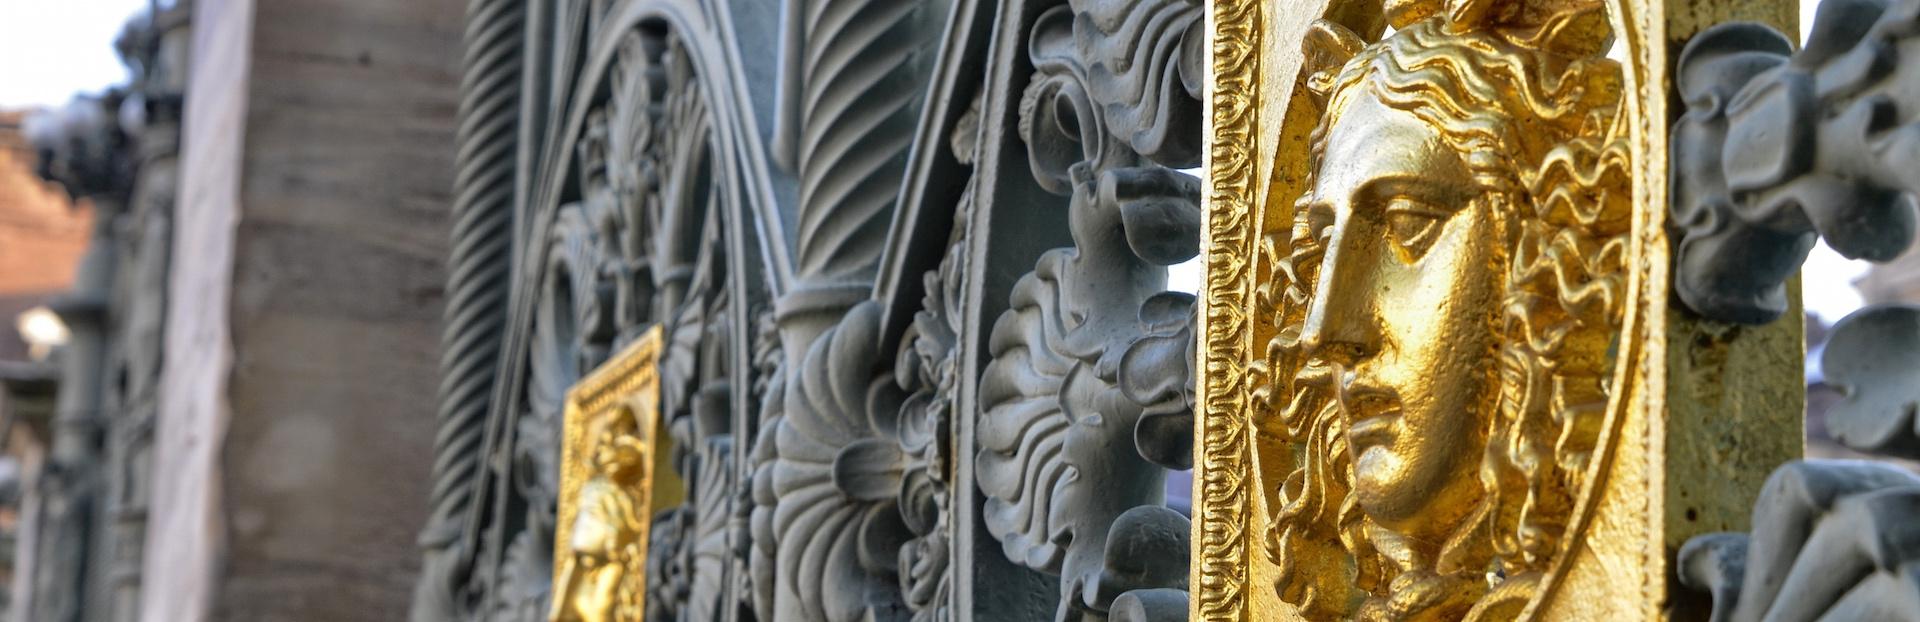 Turin audio tour: Les belles églises et les palais baroques Piazza Castello à Turin